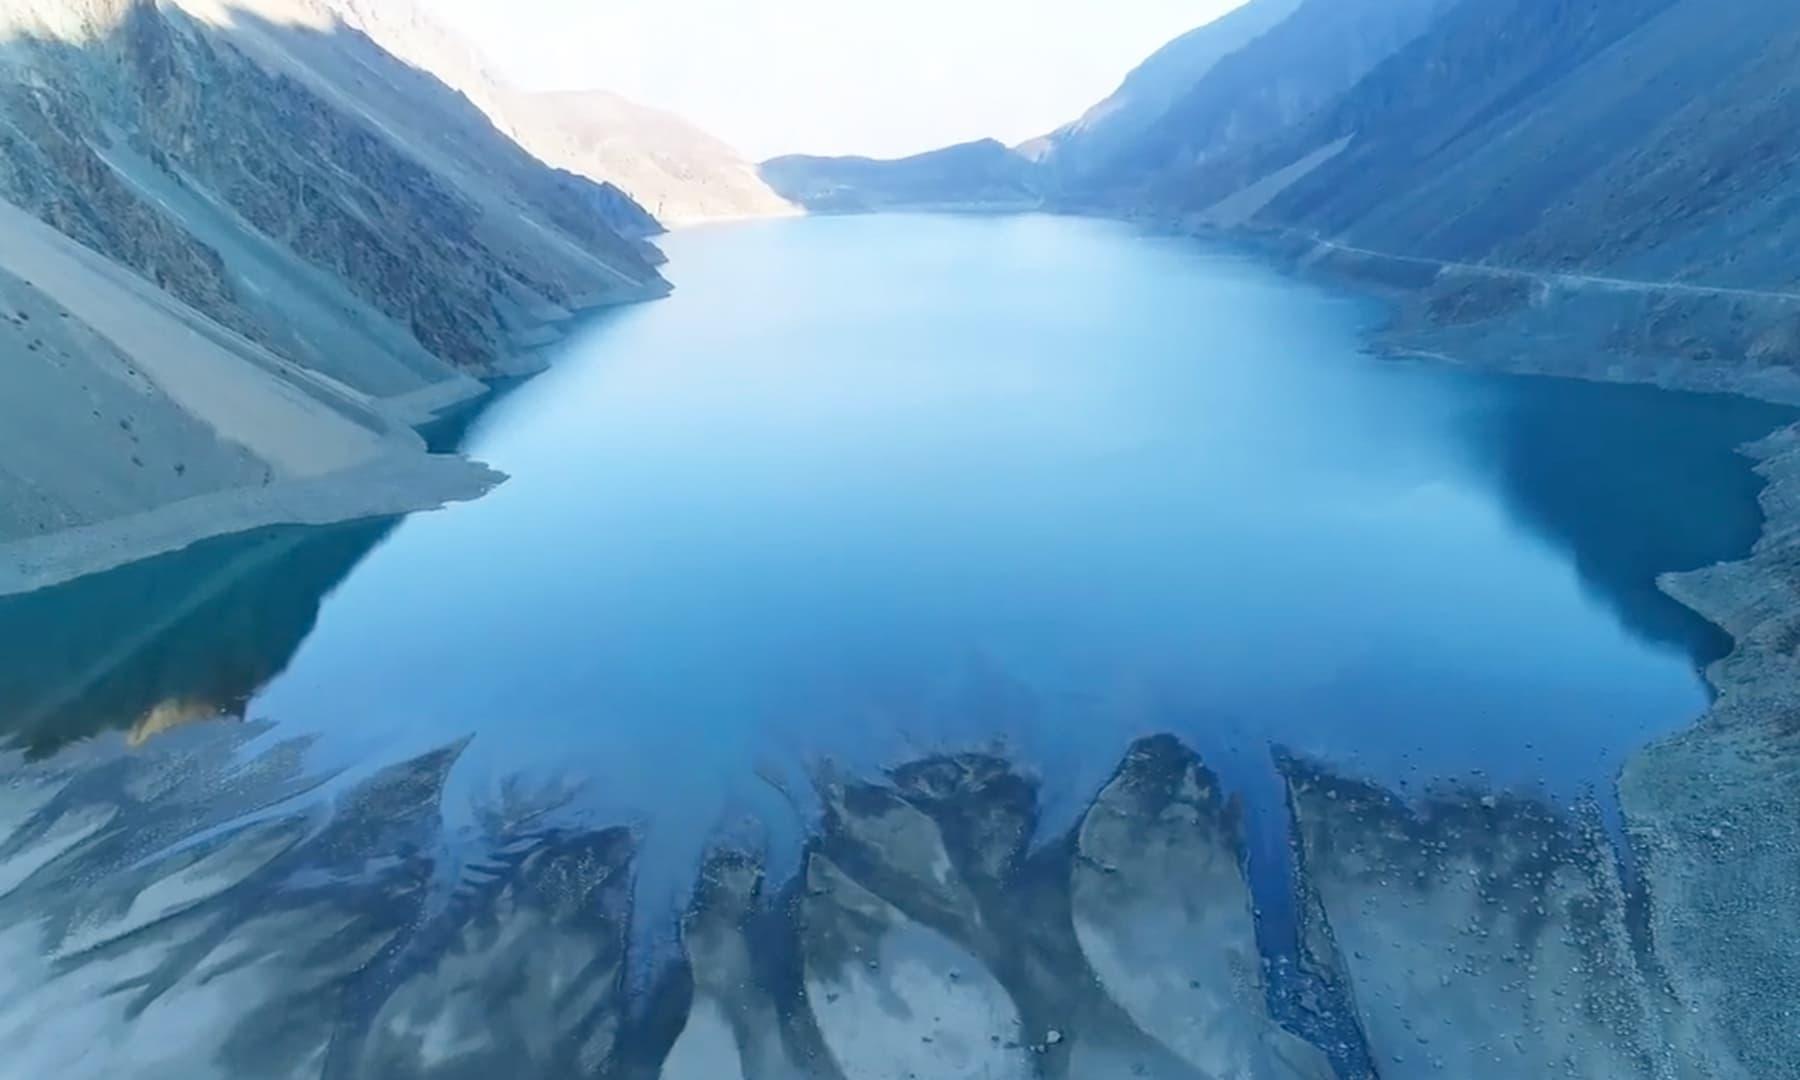 سدپارہ جھیل کا ایک خوبصورت منظر—تصویر رضوان احمد جٹ